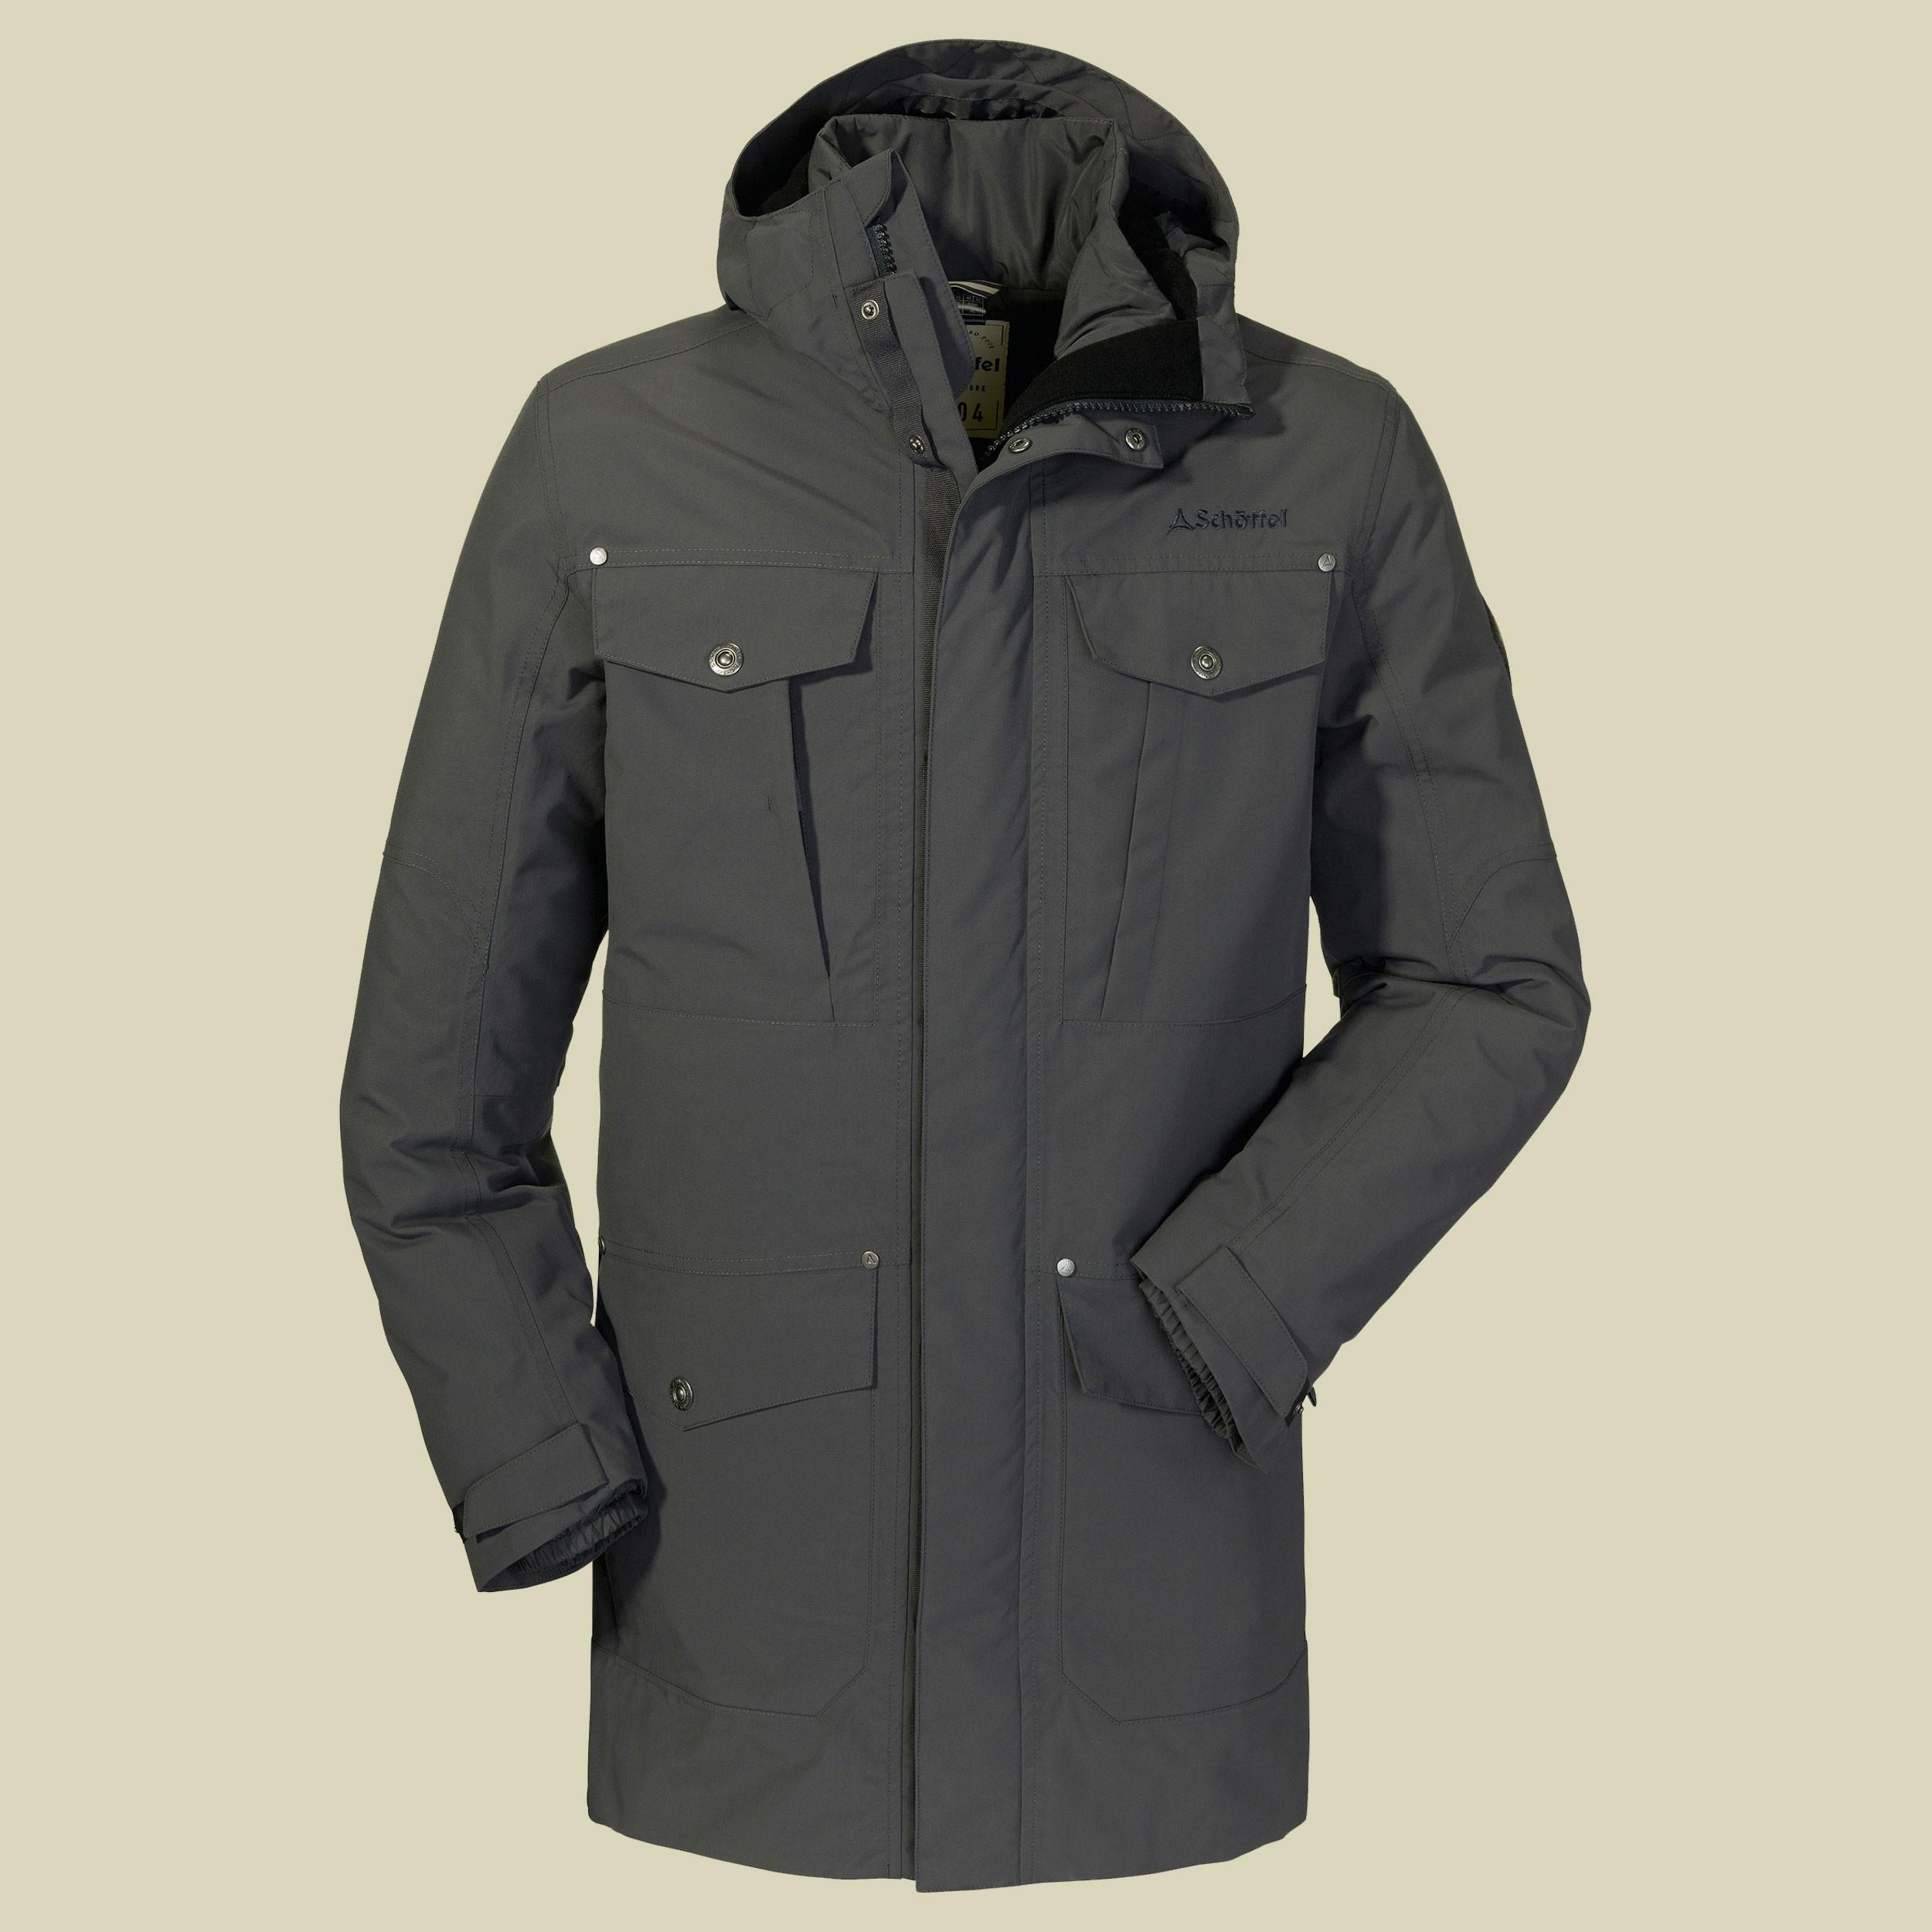 3in1 Jacket Storm Range M1 Men